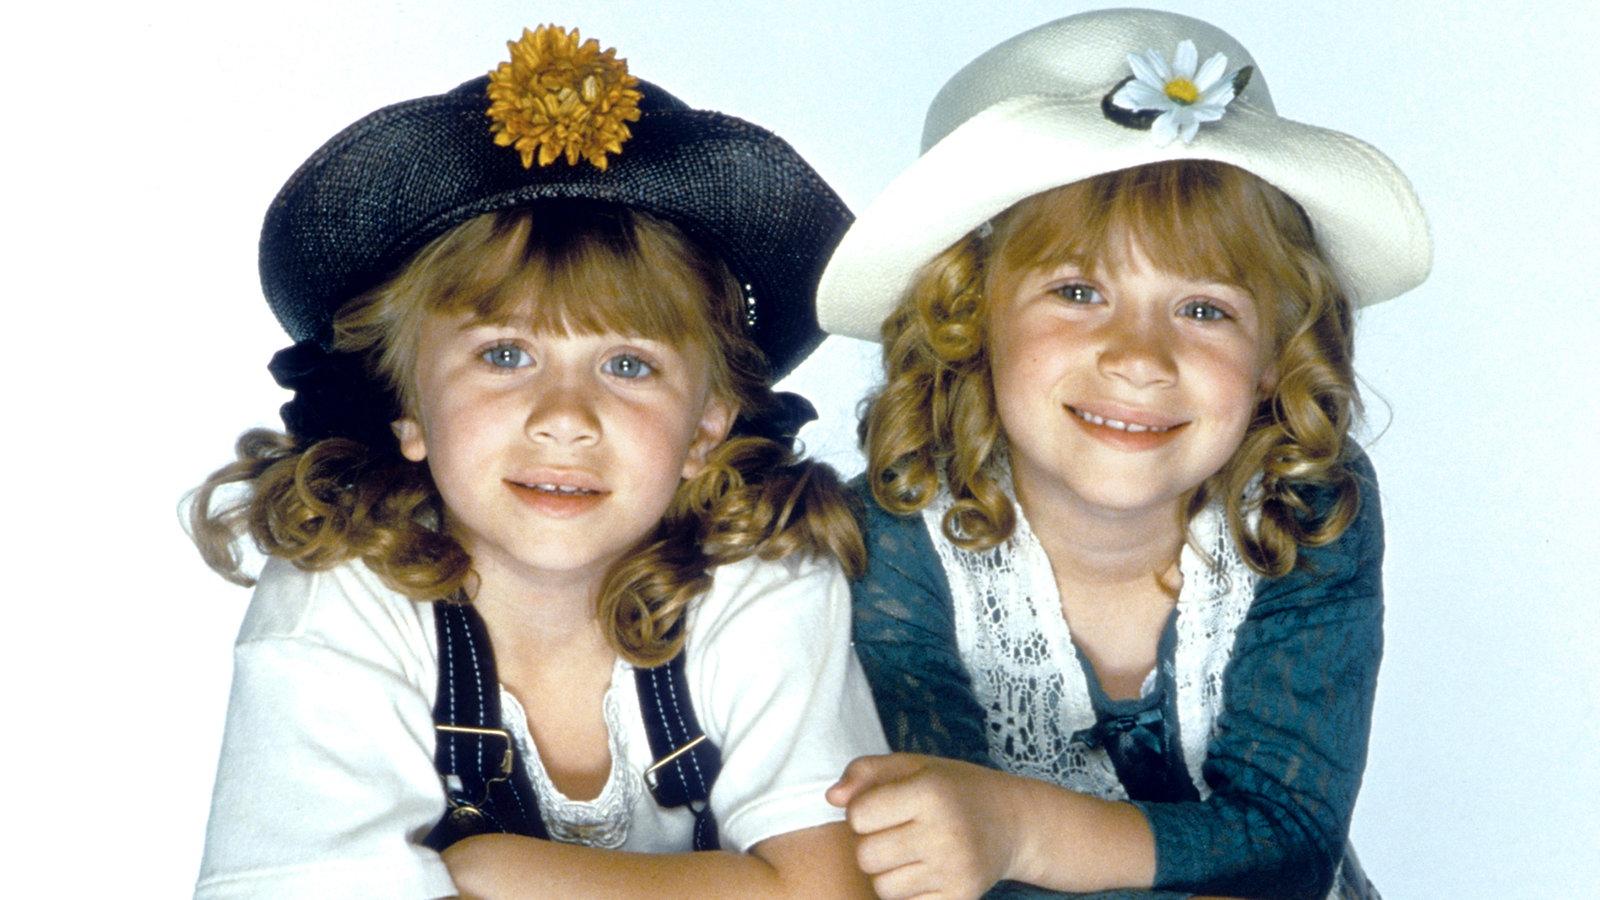 Ashley und Mary-Kate Olsen im Alter von acht Jahren bei einer Fotosession, beide Kinder mit Hut.